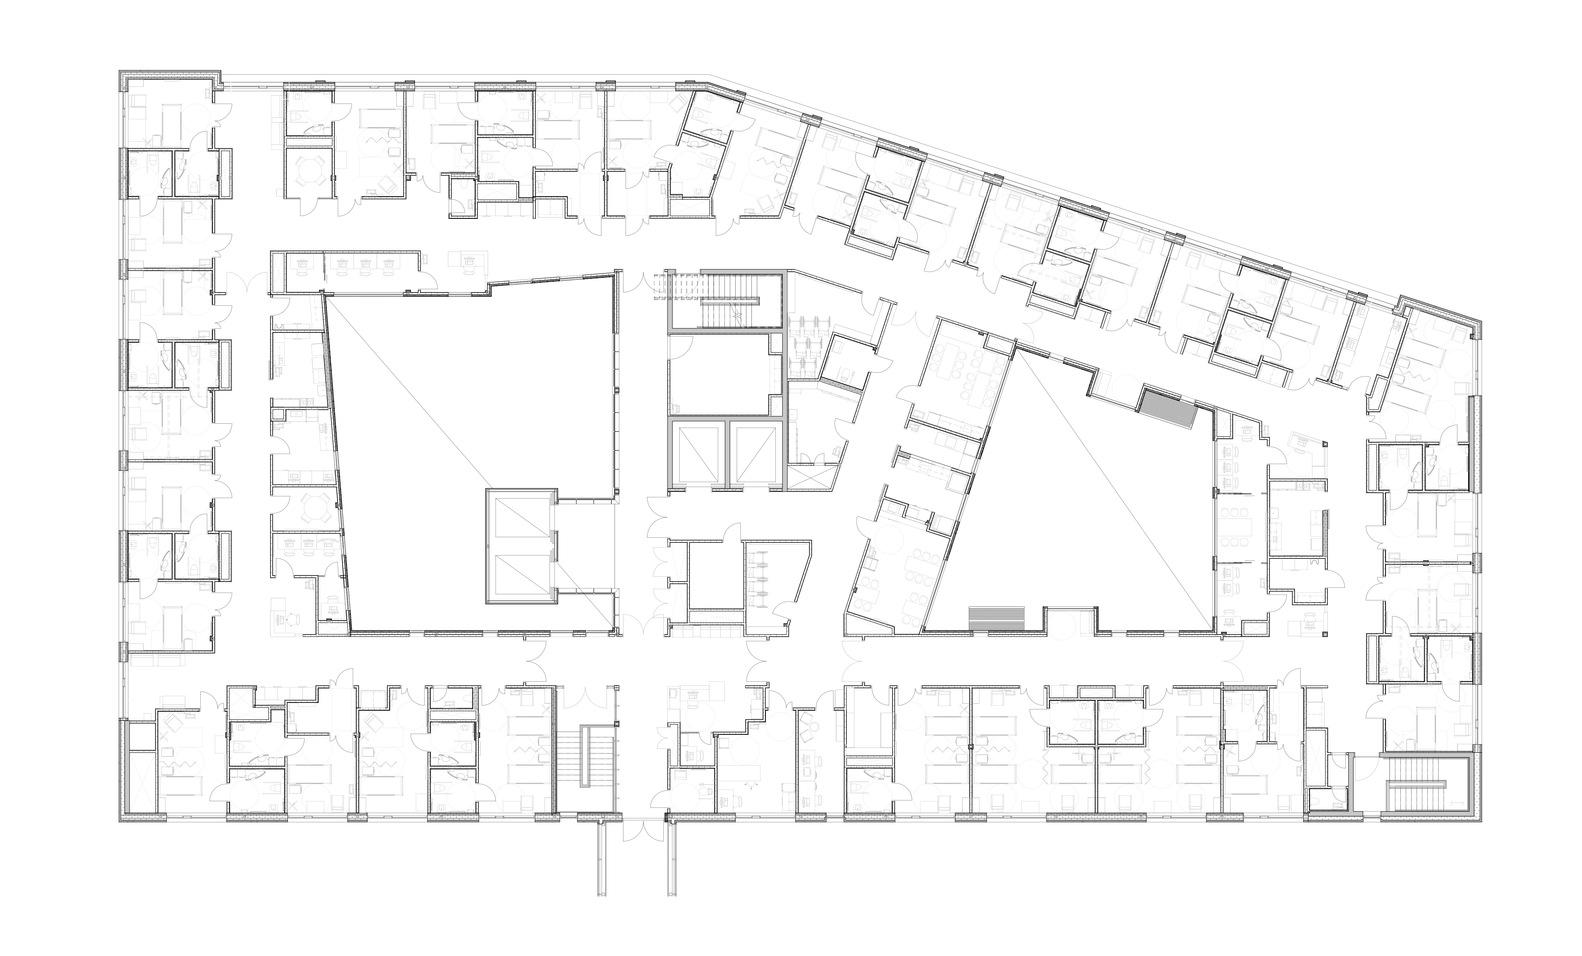 medium resolution of haraldsplass hospital c f m ller architects floor plan